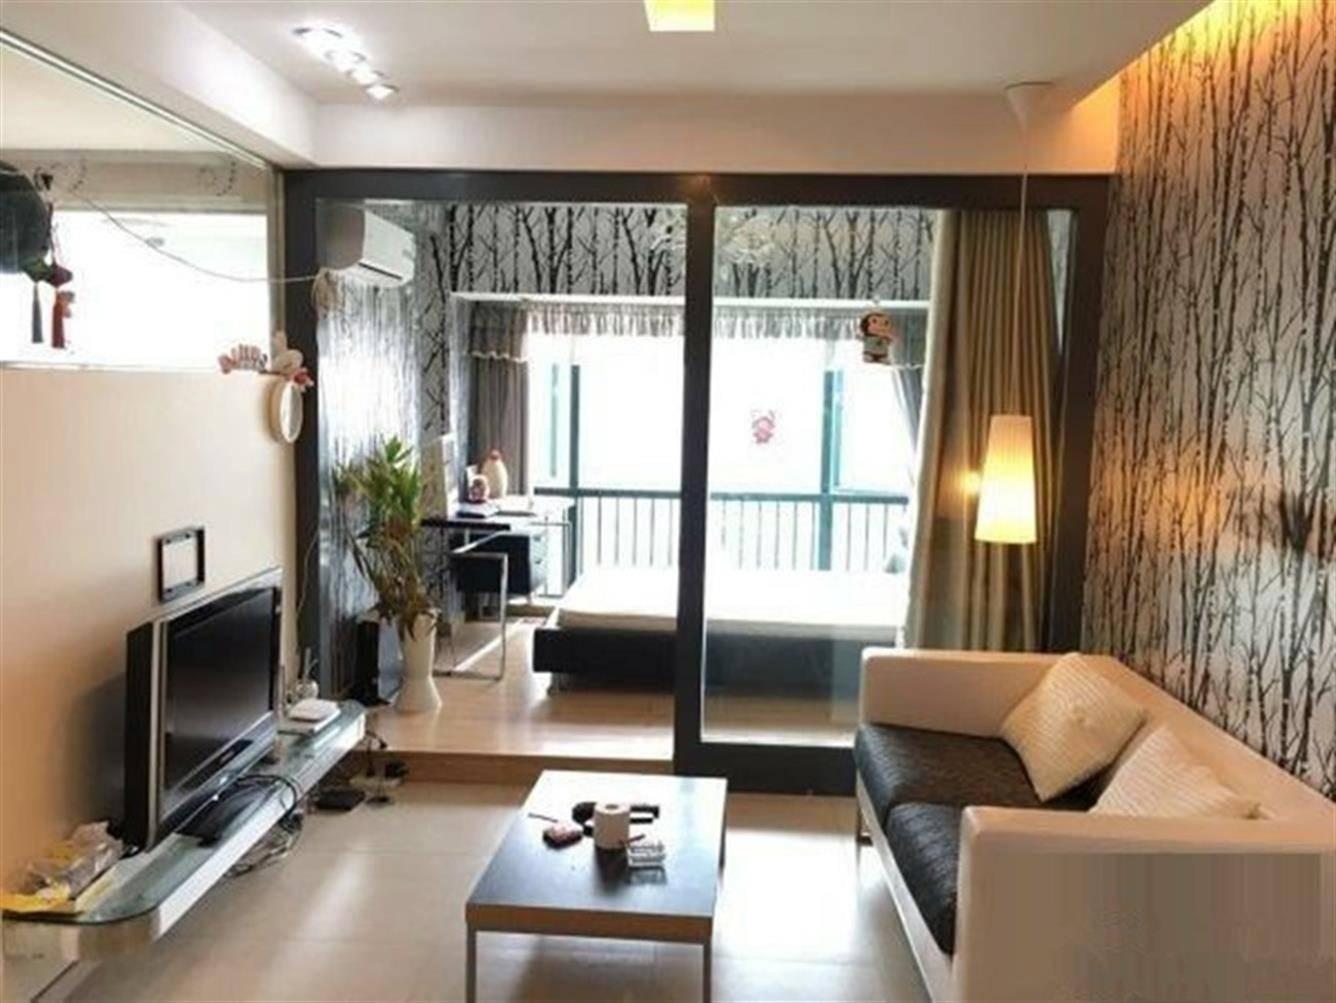 港惠商圈高档楼盘 华晟豪庭精装一居室 巴比伦建筑式空中花园